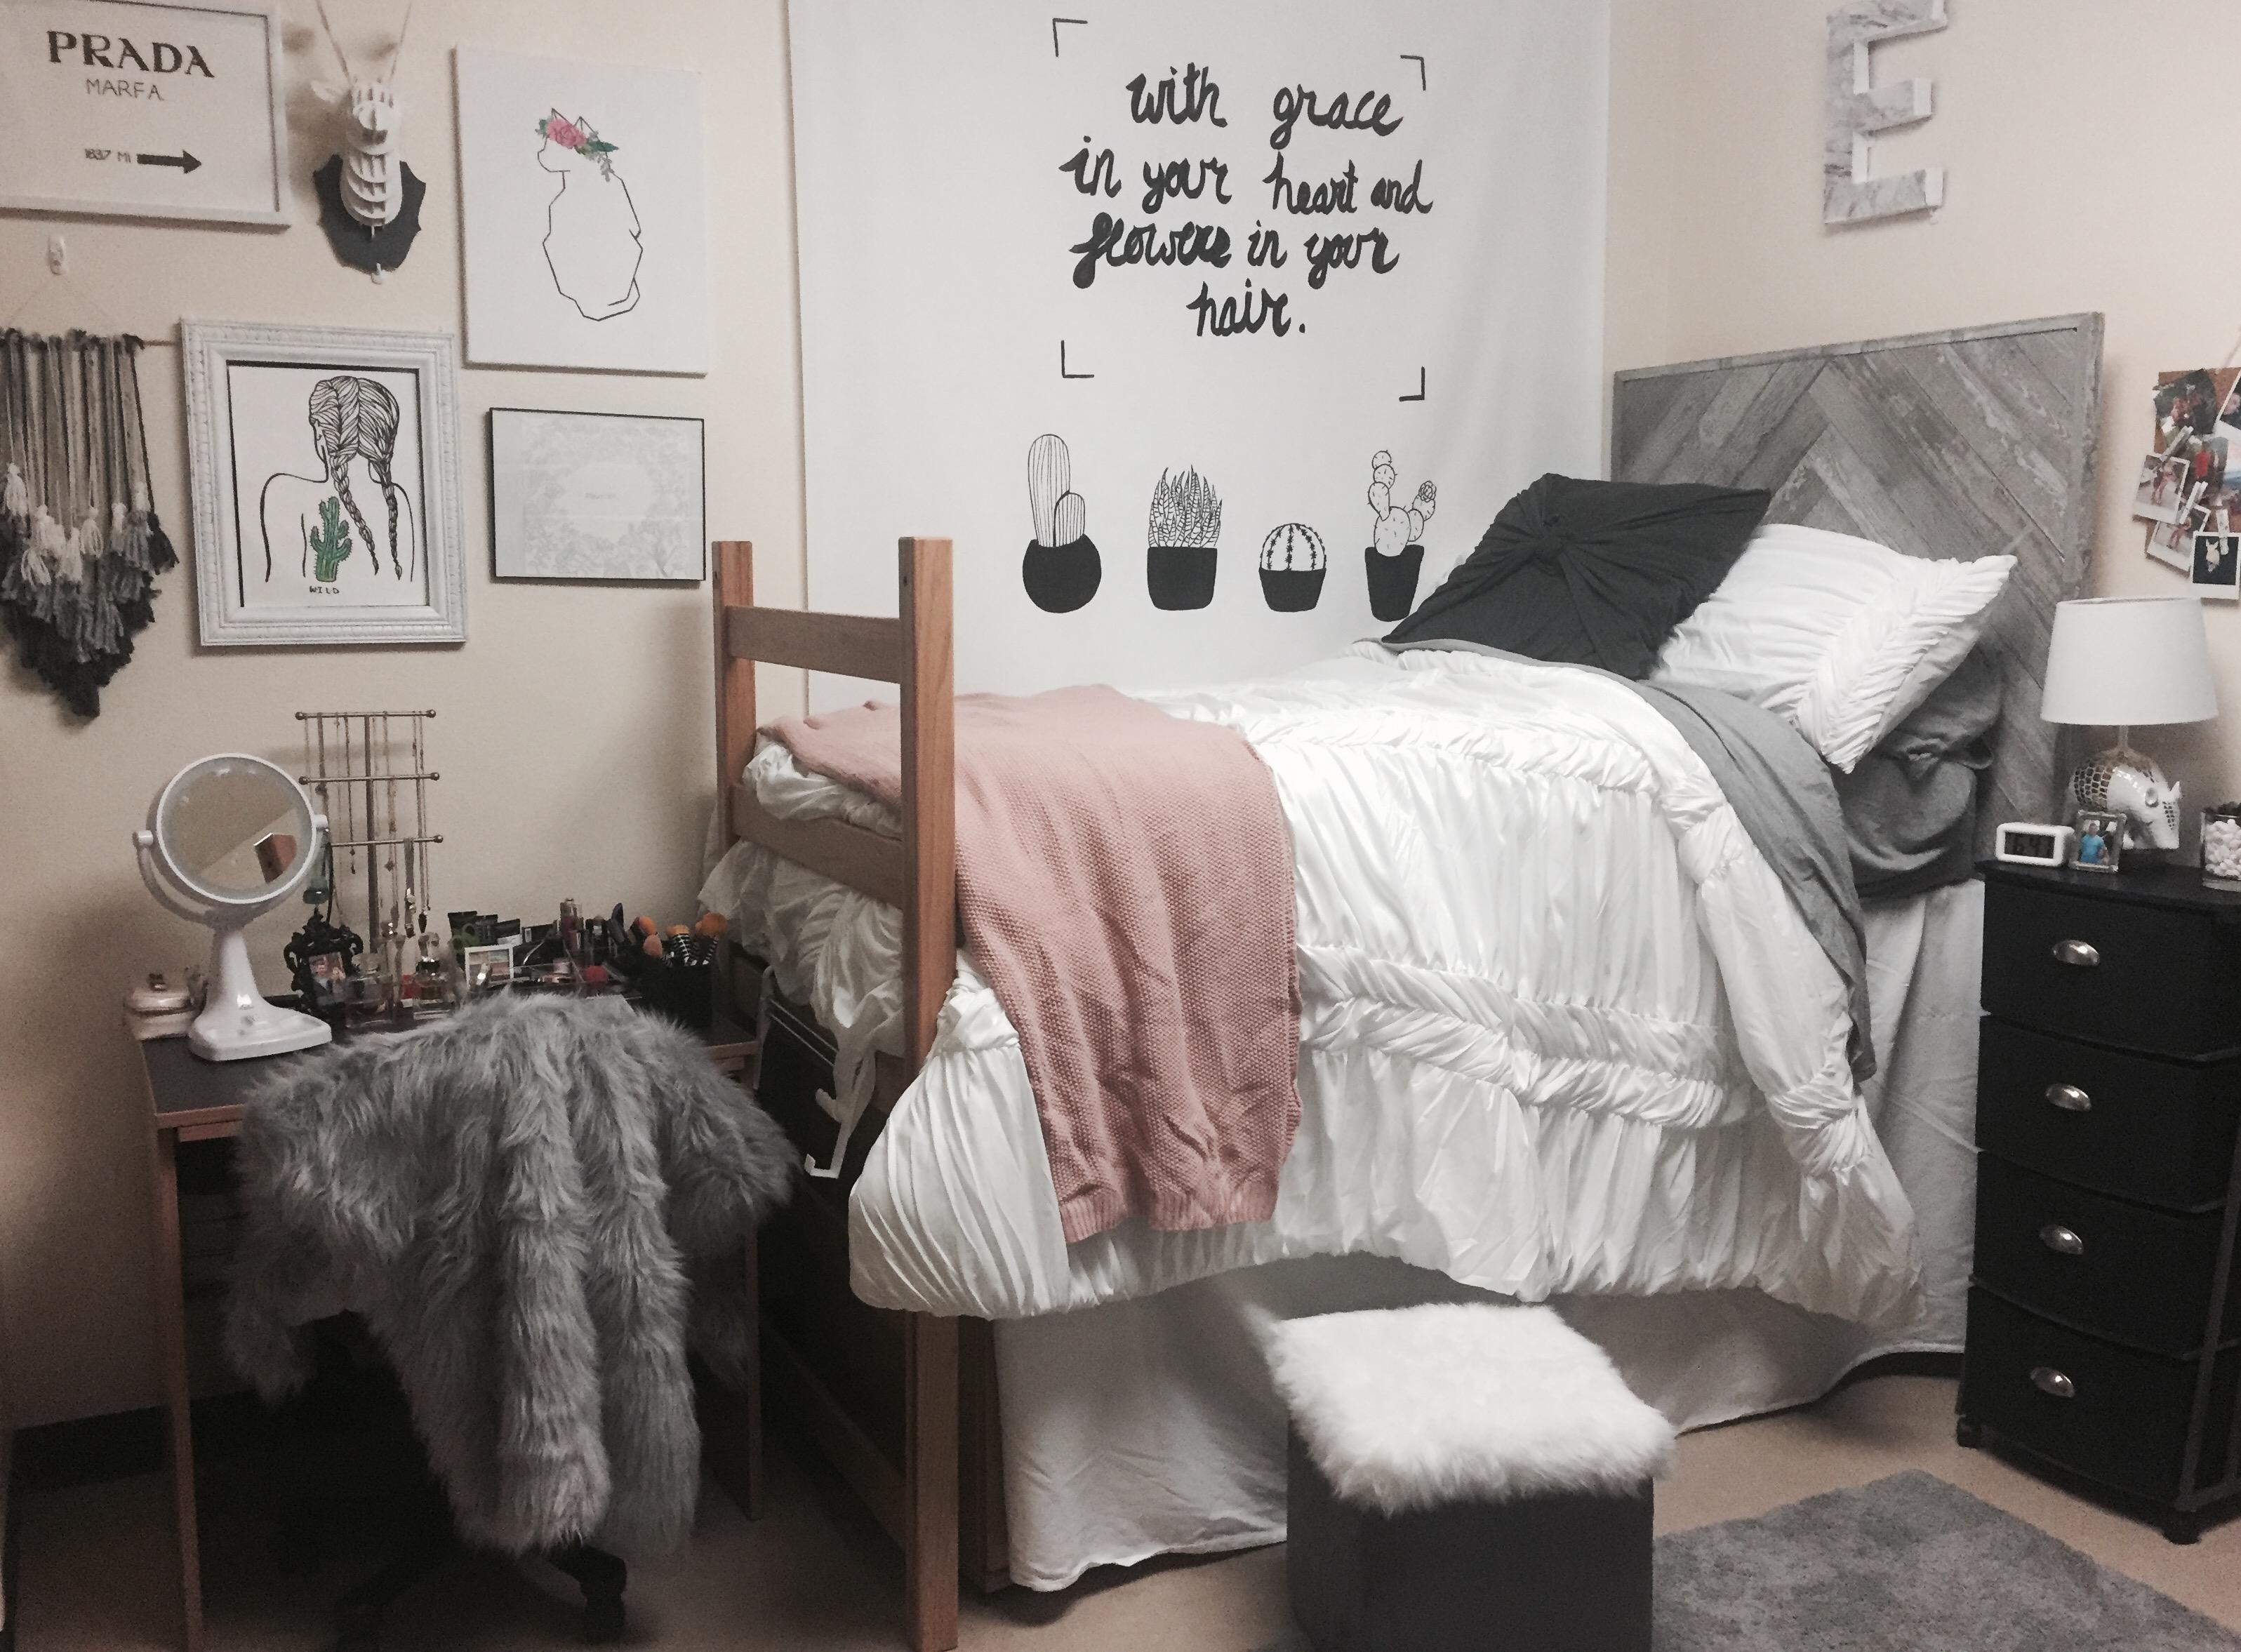 Fullsize Of Dorm Room Stuff